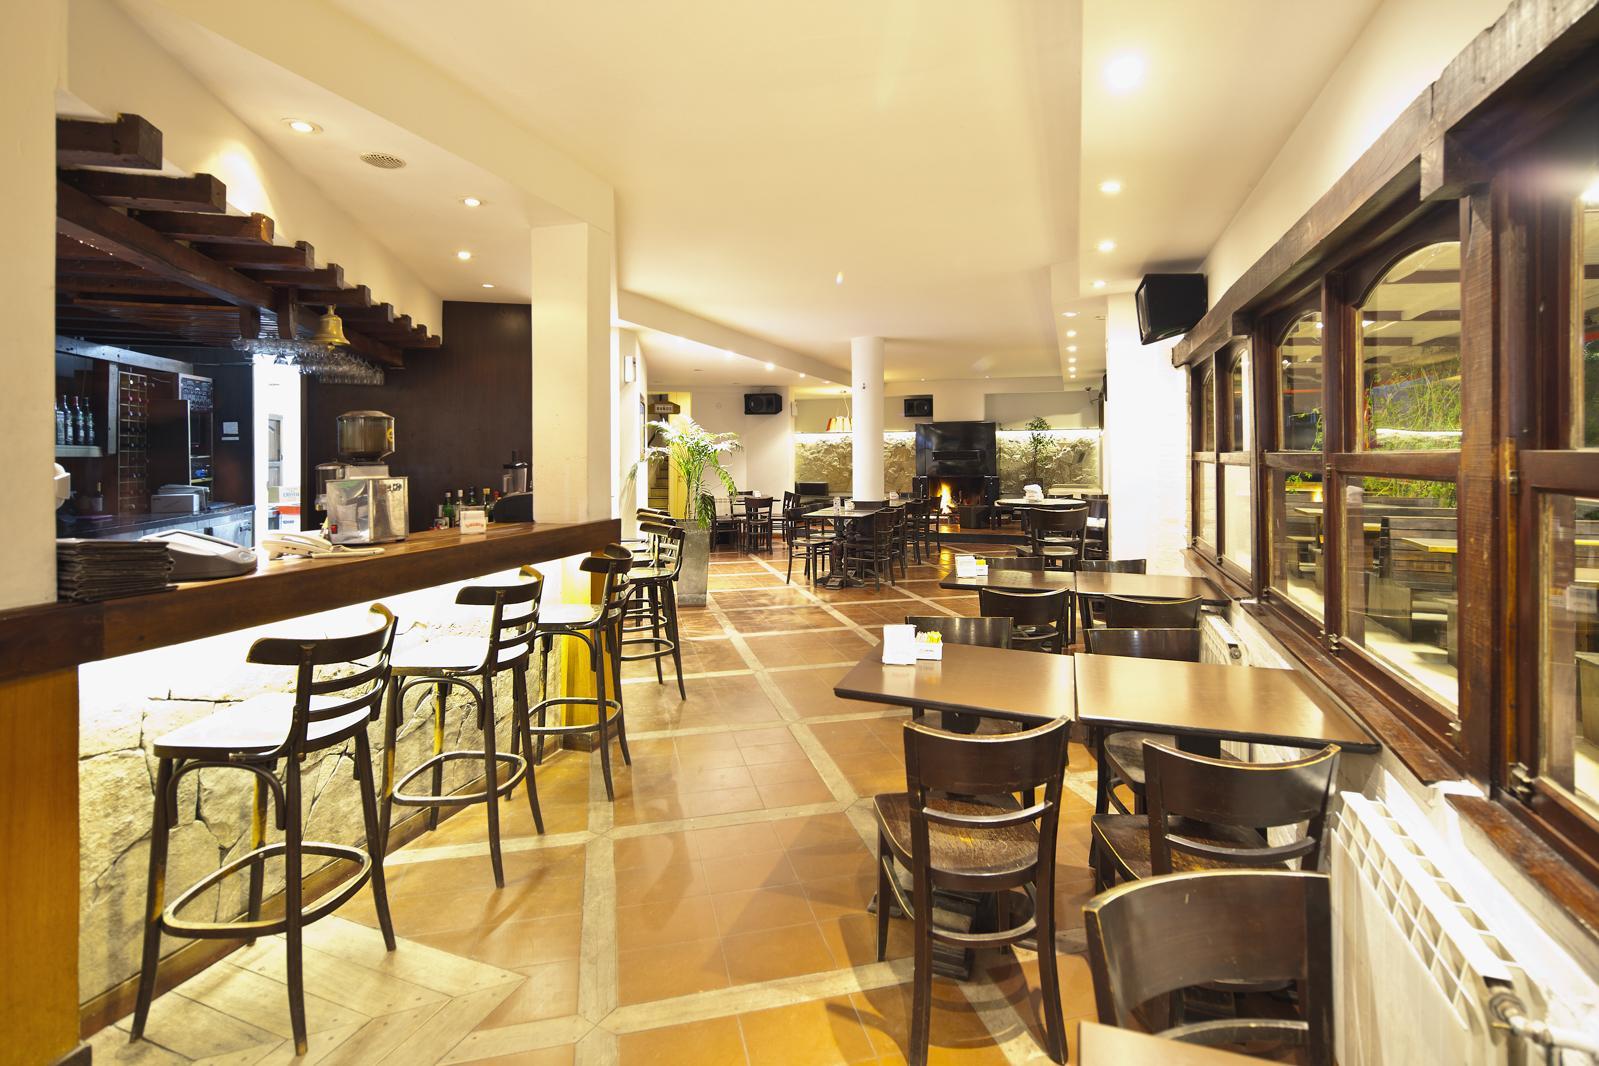 Cafetería Bacará - Fotógrafo de interiorismo Andreas Grunau